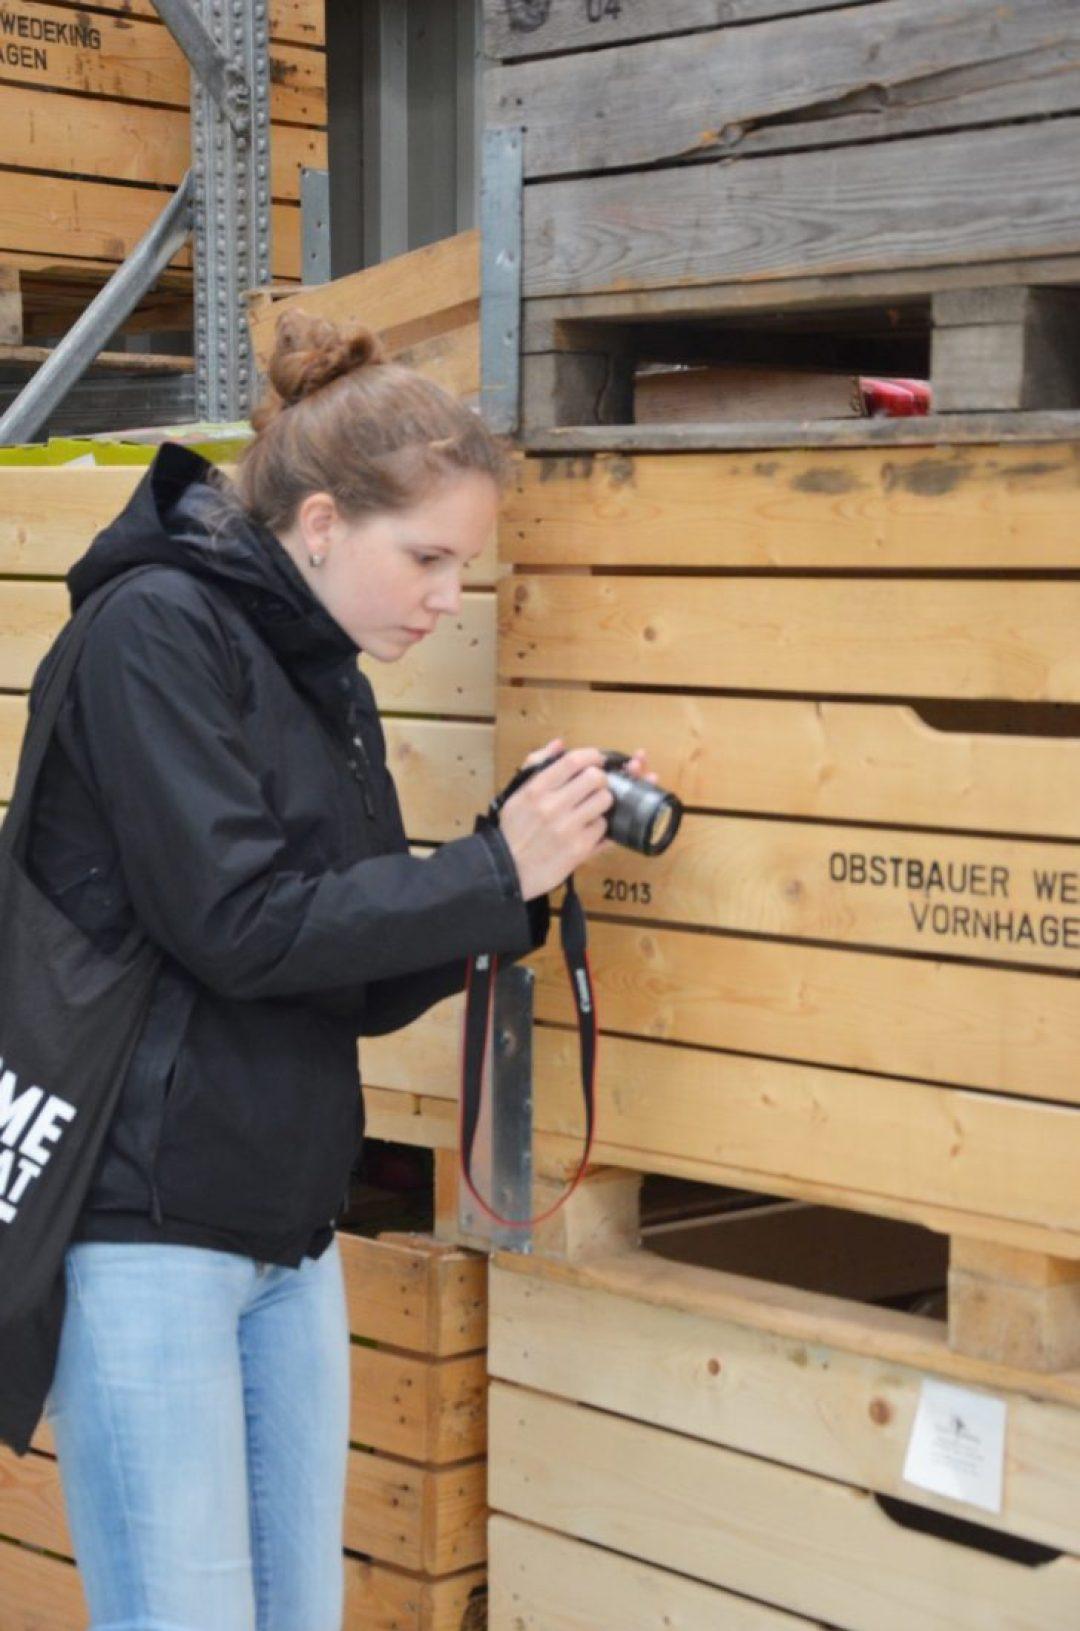 Luisa vom Blog Sunnyside2go bei der Arbeit auf dem #hajmeetup17